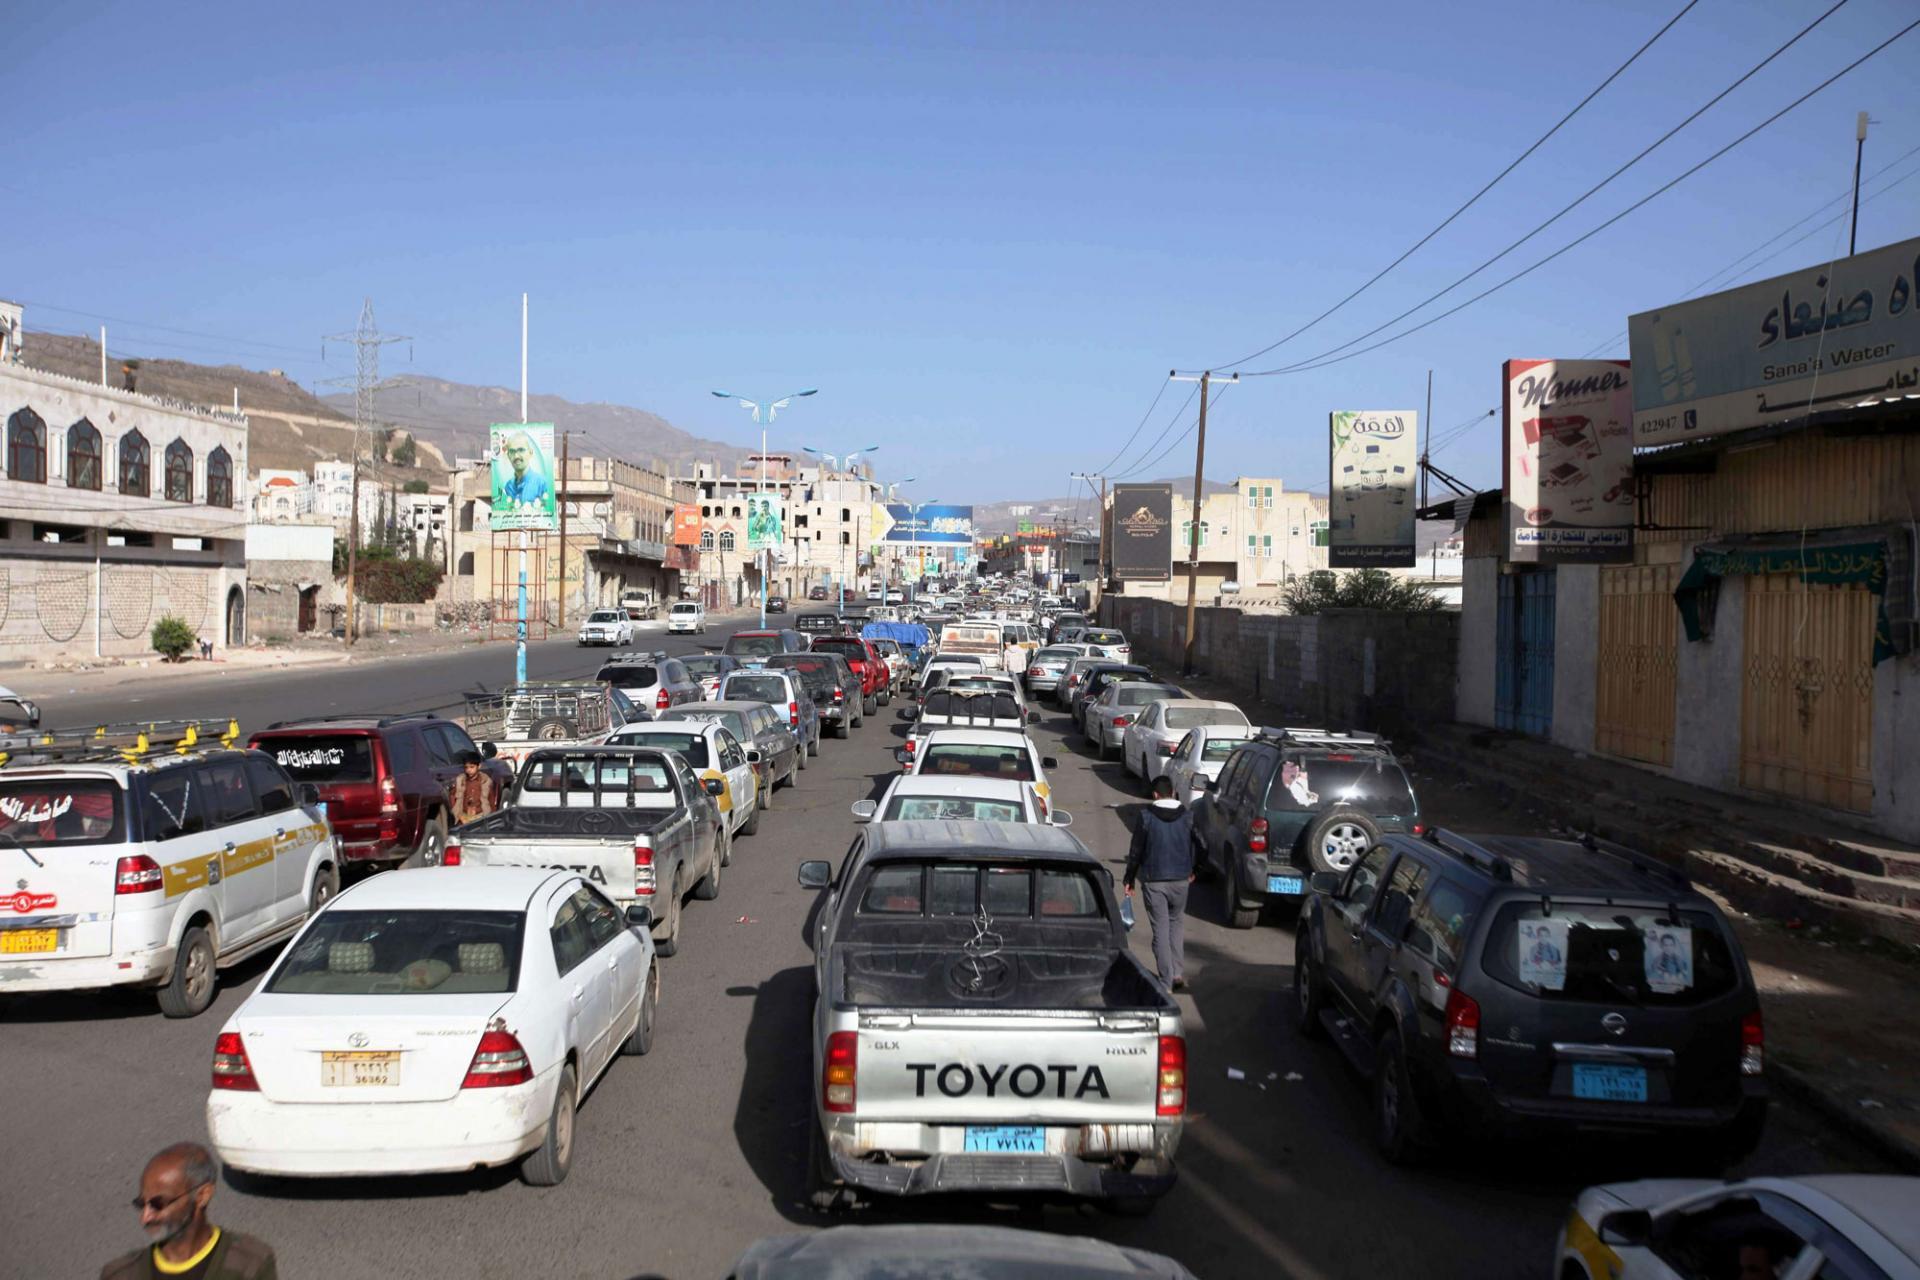 إستمرار أزمة المشتقات النفطية في مناطق سيطرة جماعة الحوثي